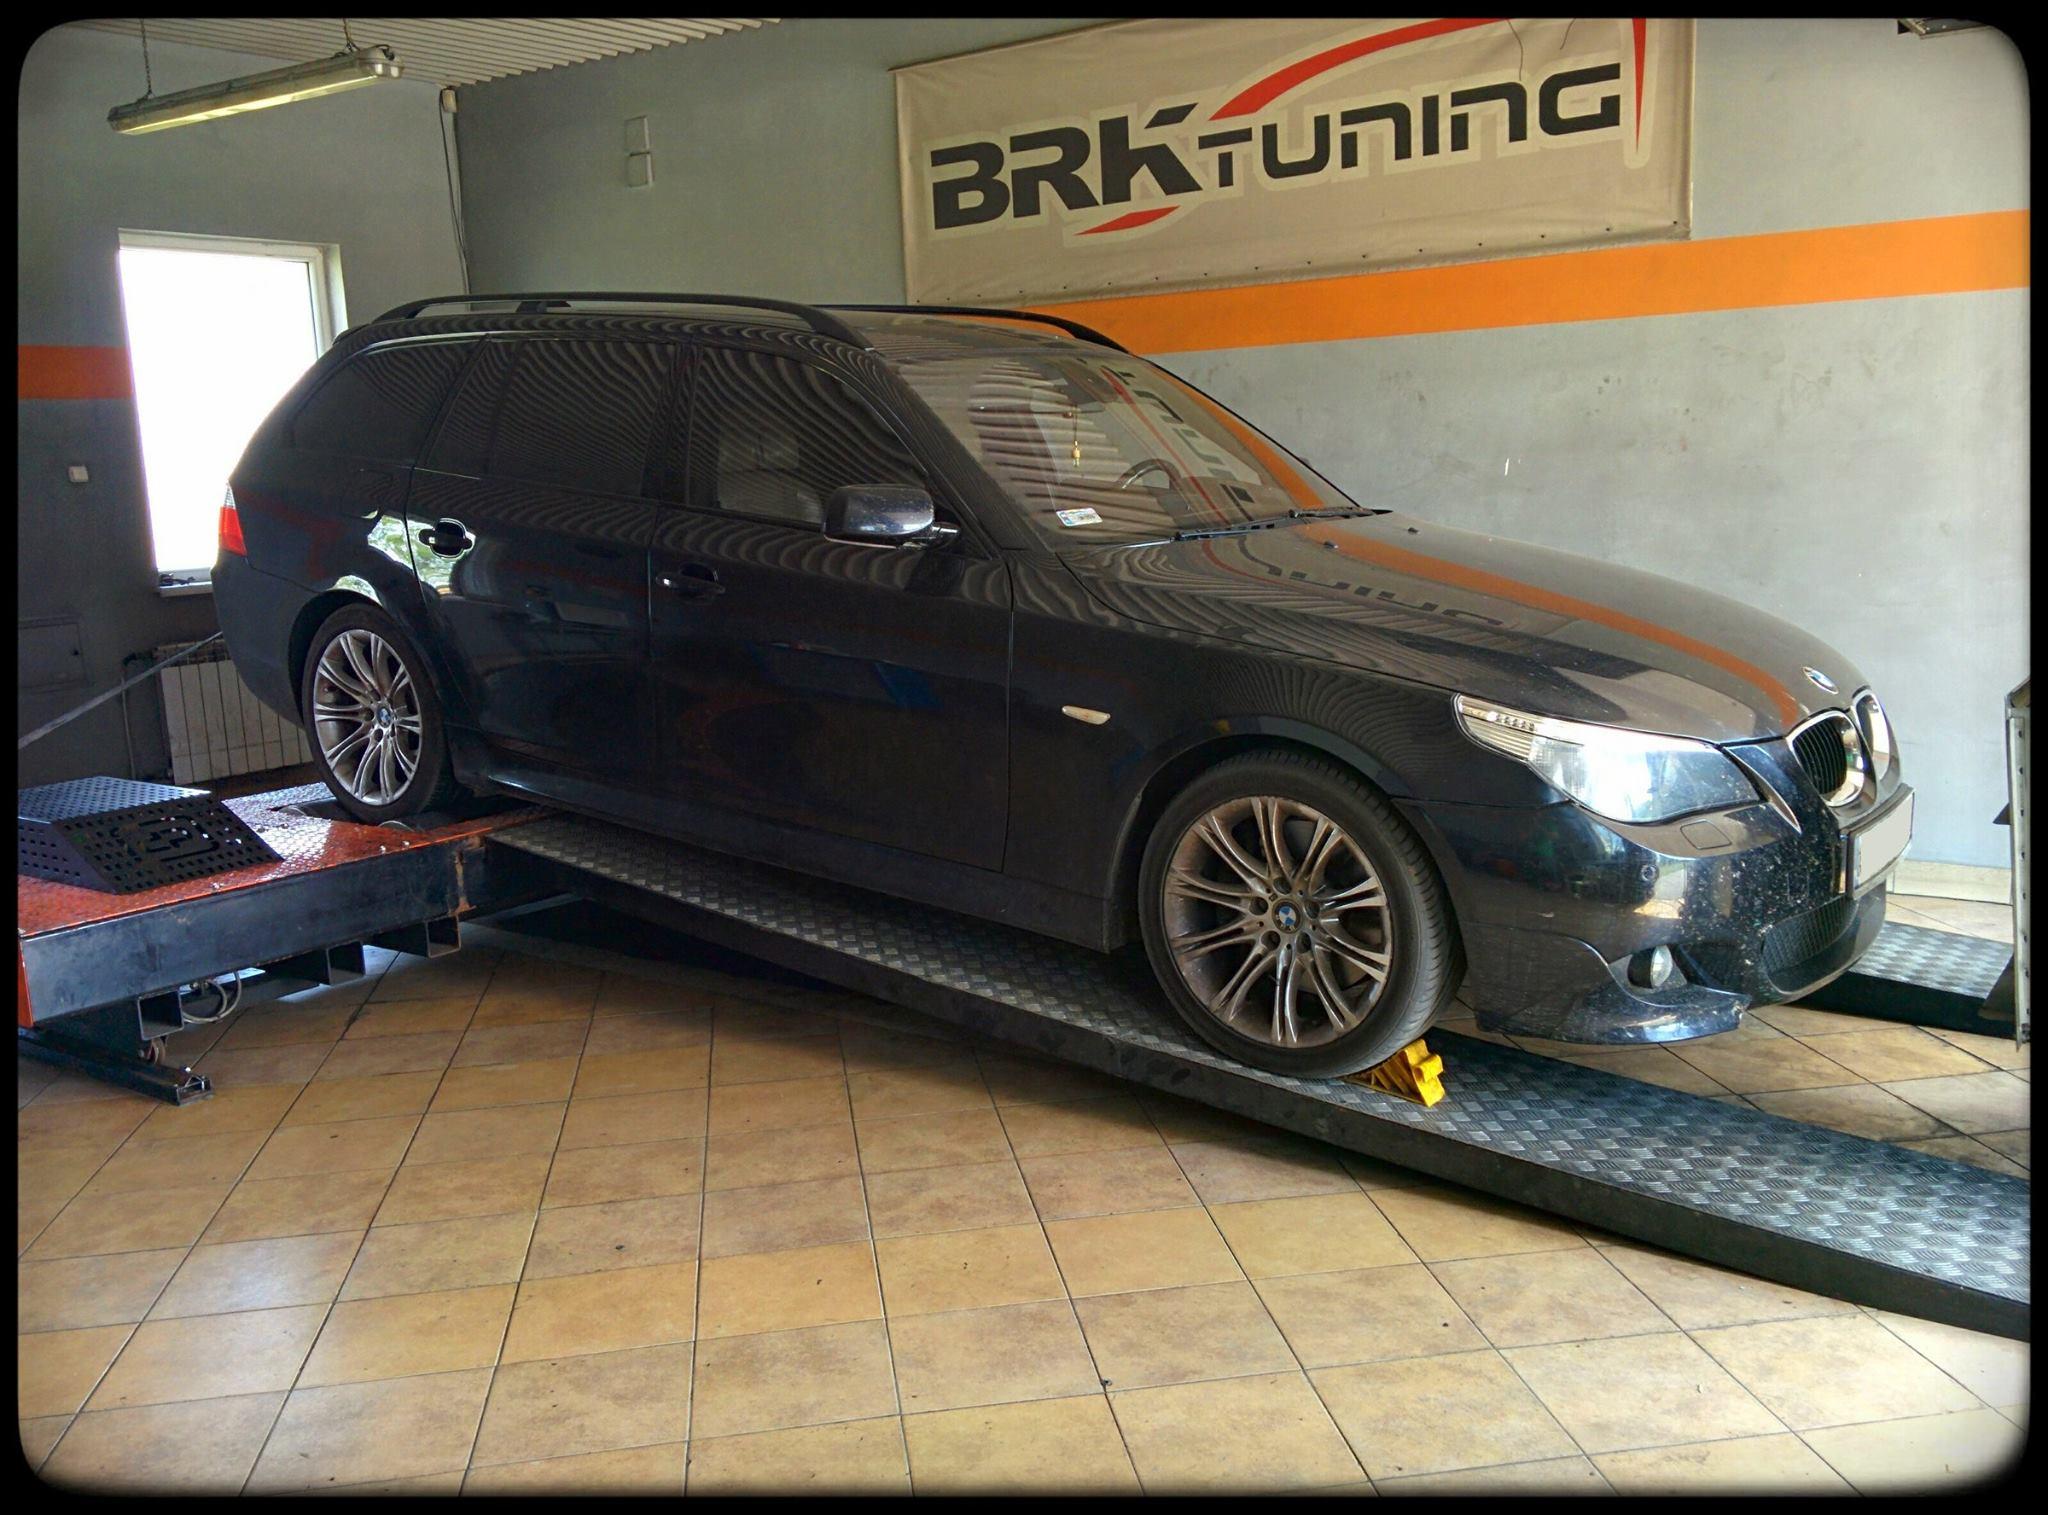 BMW E61 - po badaniu na hamowni wyraźnie widać wprzyrost mocy i momentu